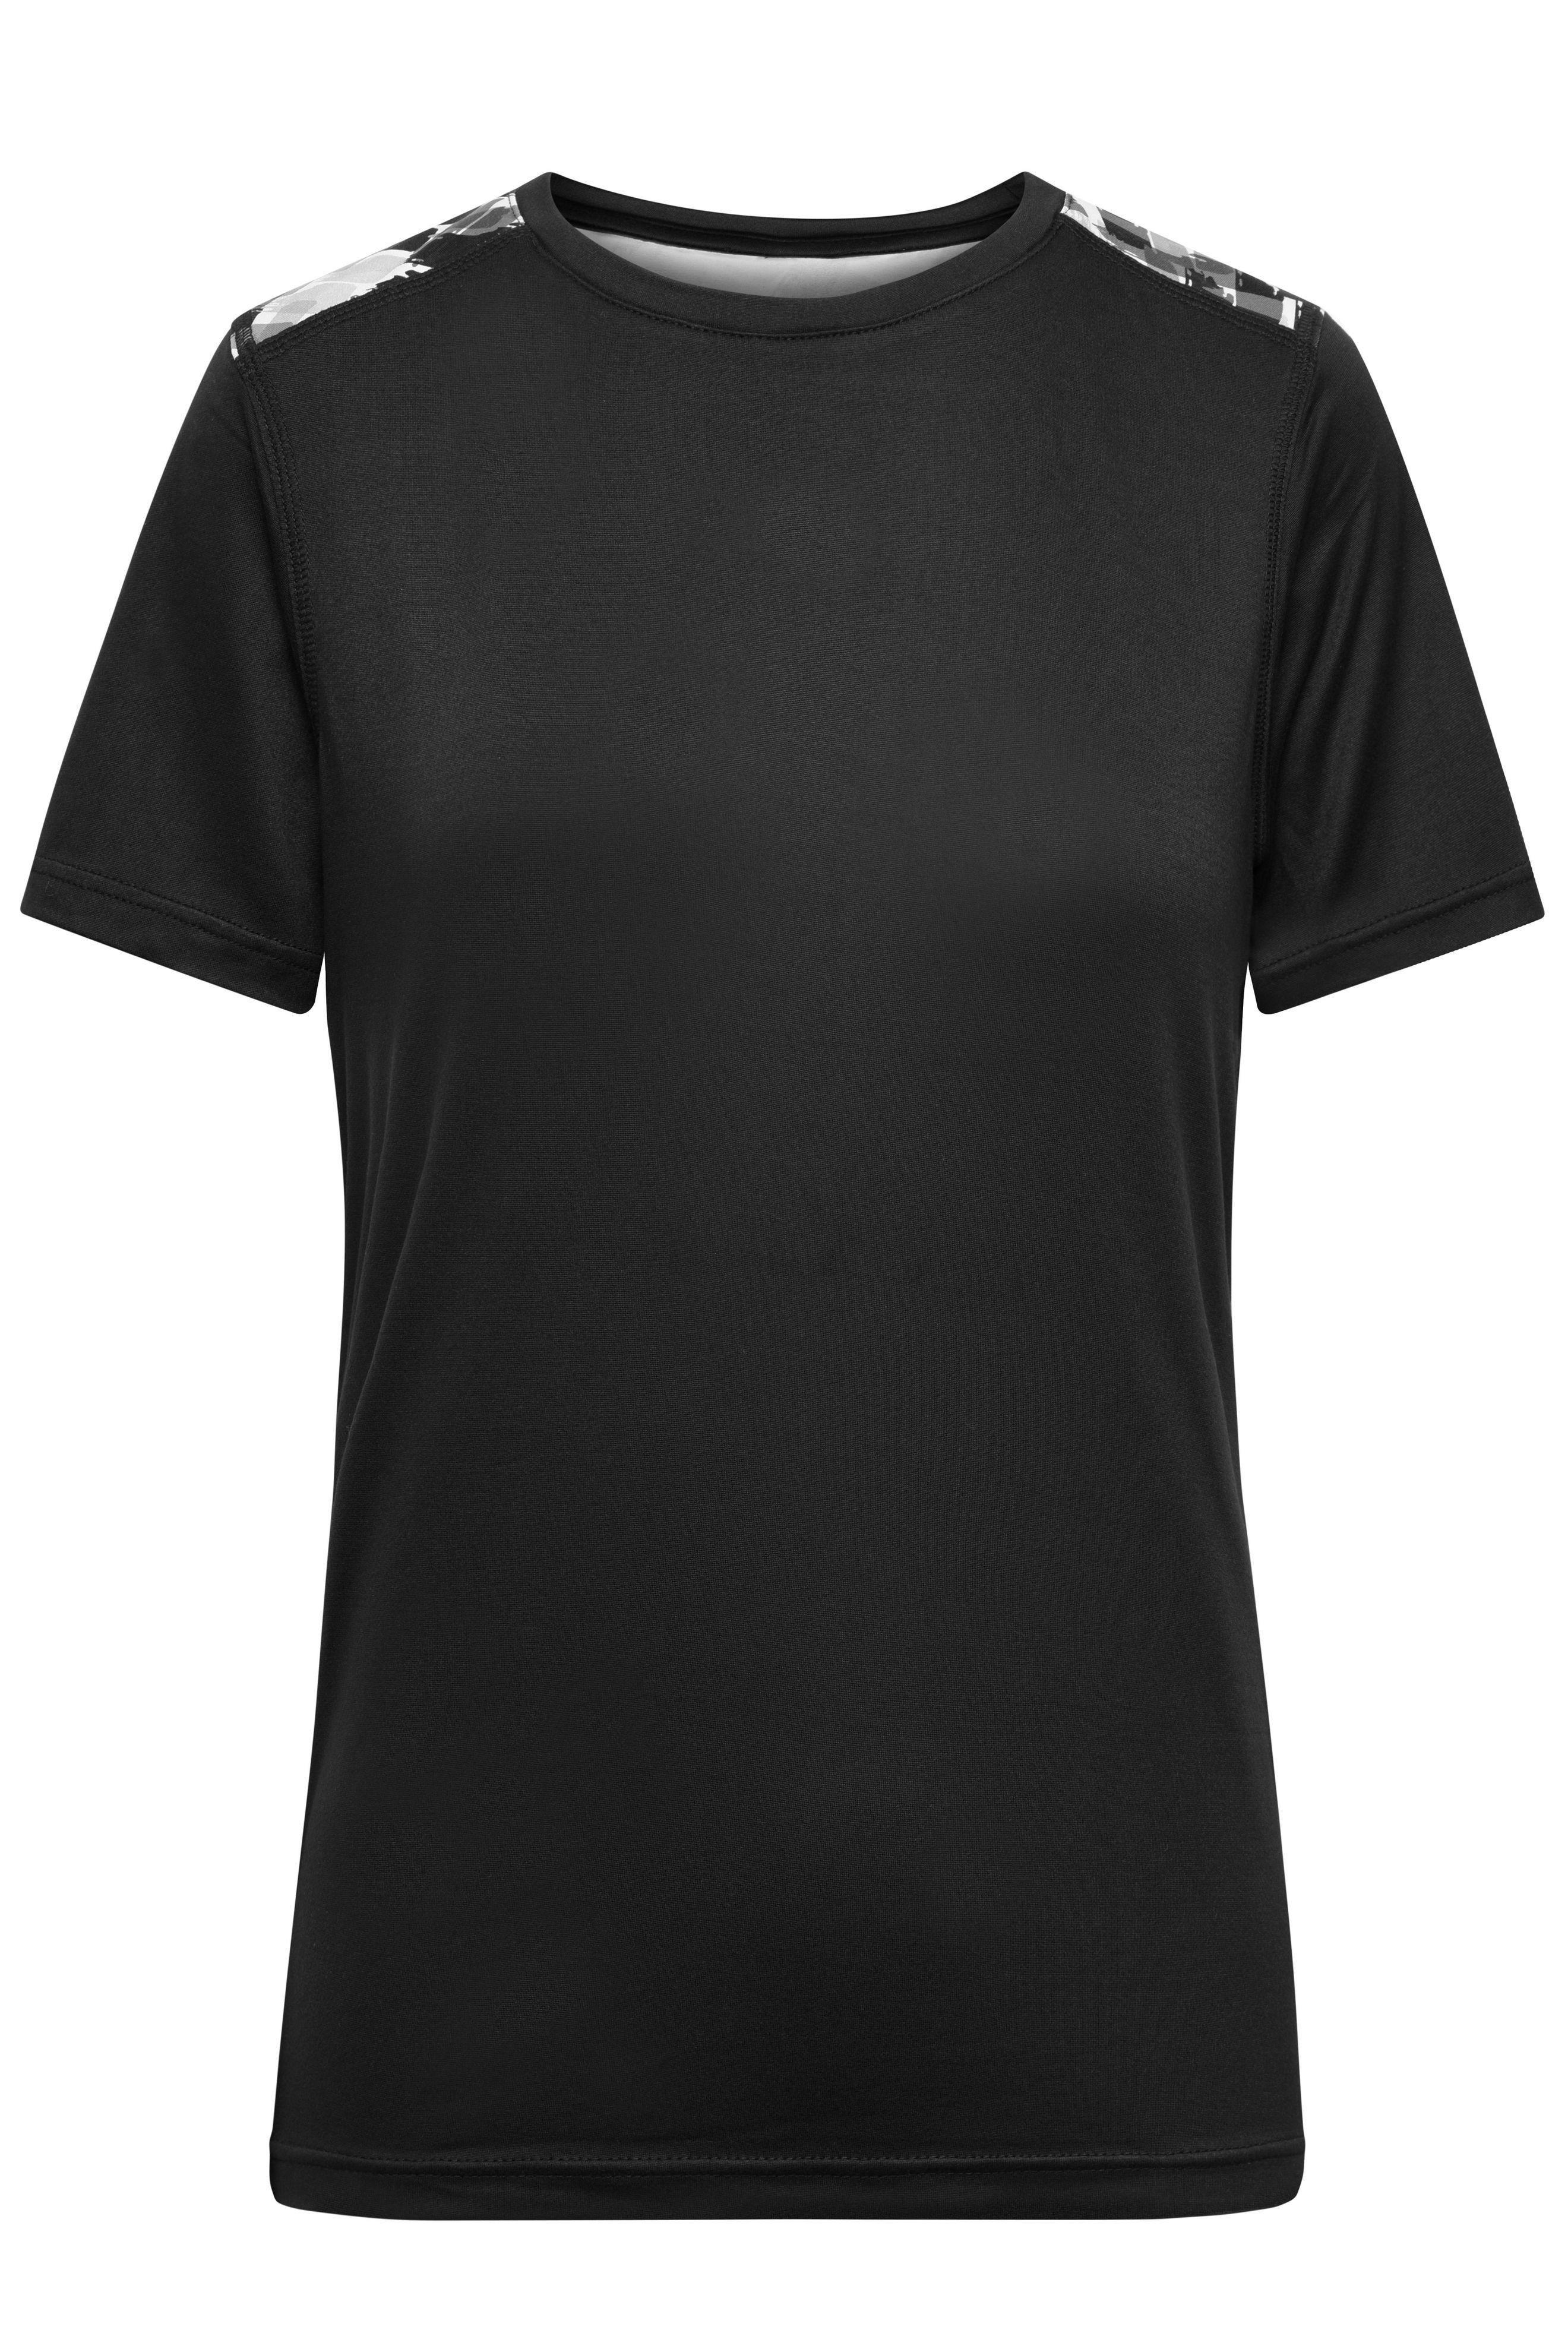 Funktions-Shirt aus recyceltem Polyester für Sport und Freizeit